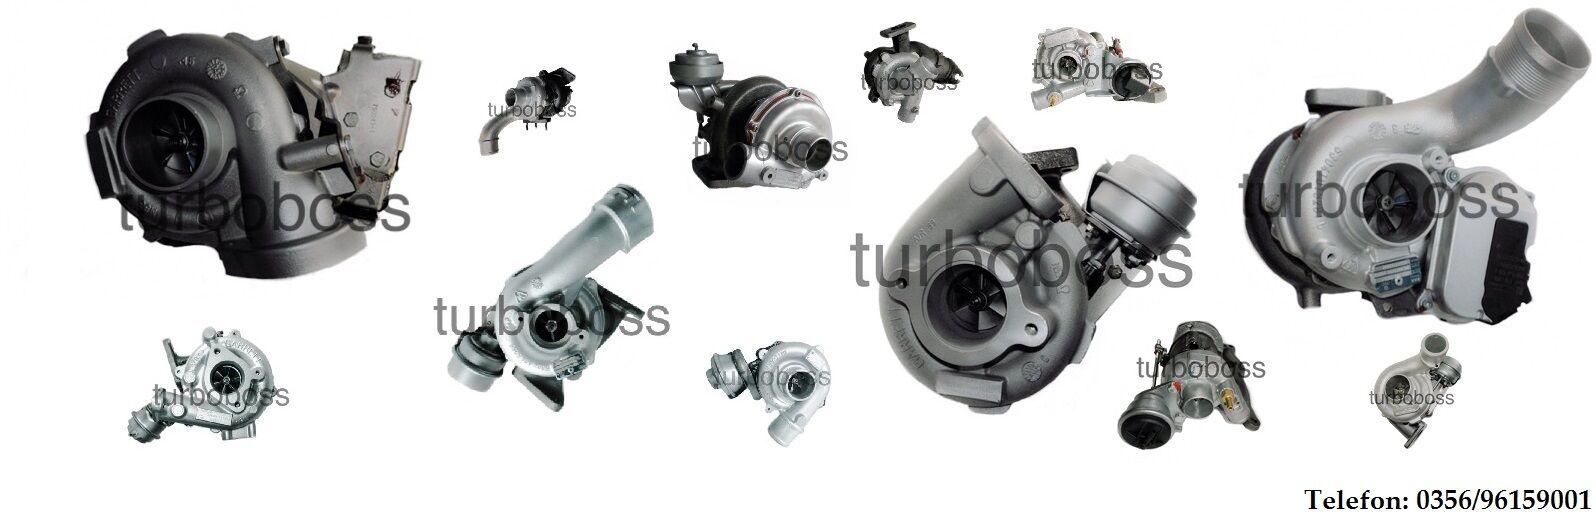 turbobossturboboss